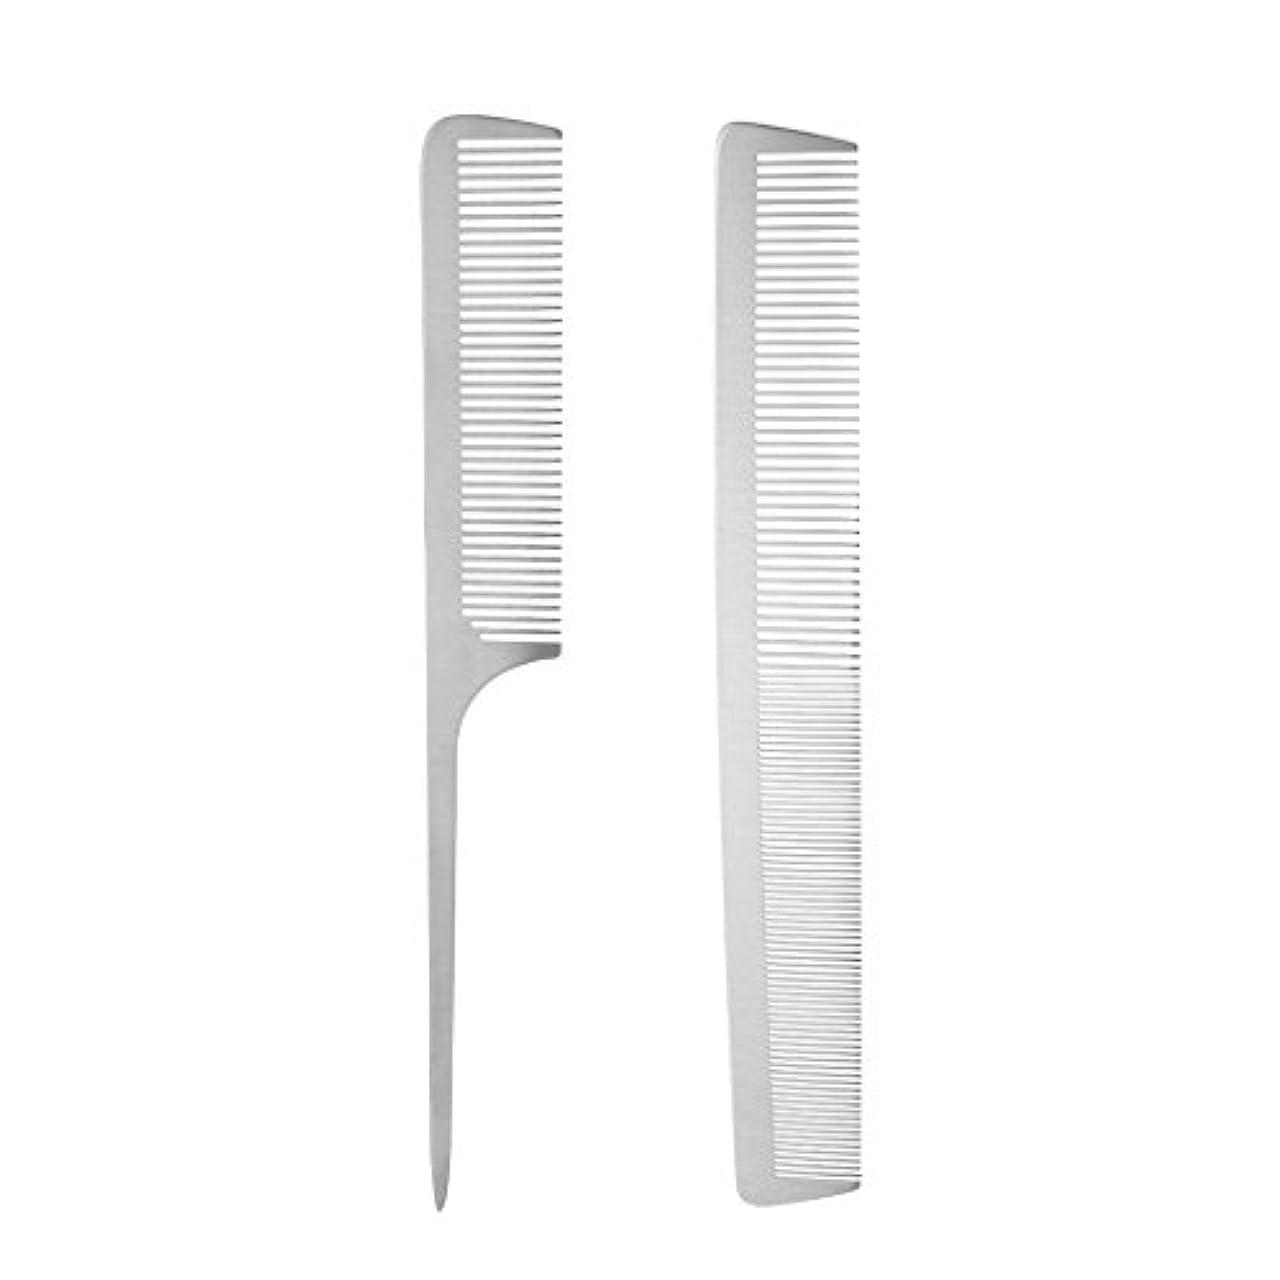 透けて見える調停する矢印2本 ヘアカットコーム サロン ヘアコンディショニング櫛 帯電防止櫛 ステンレス